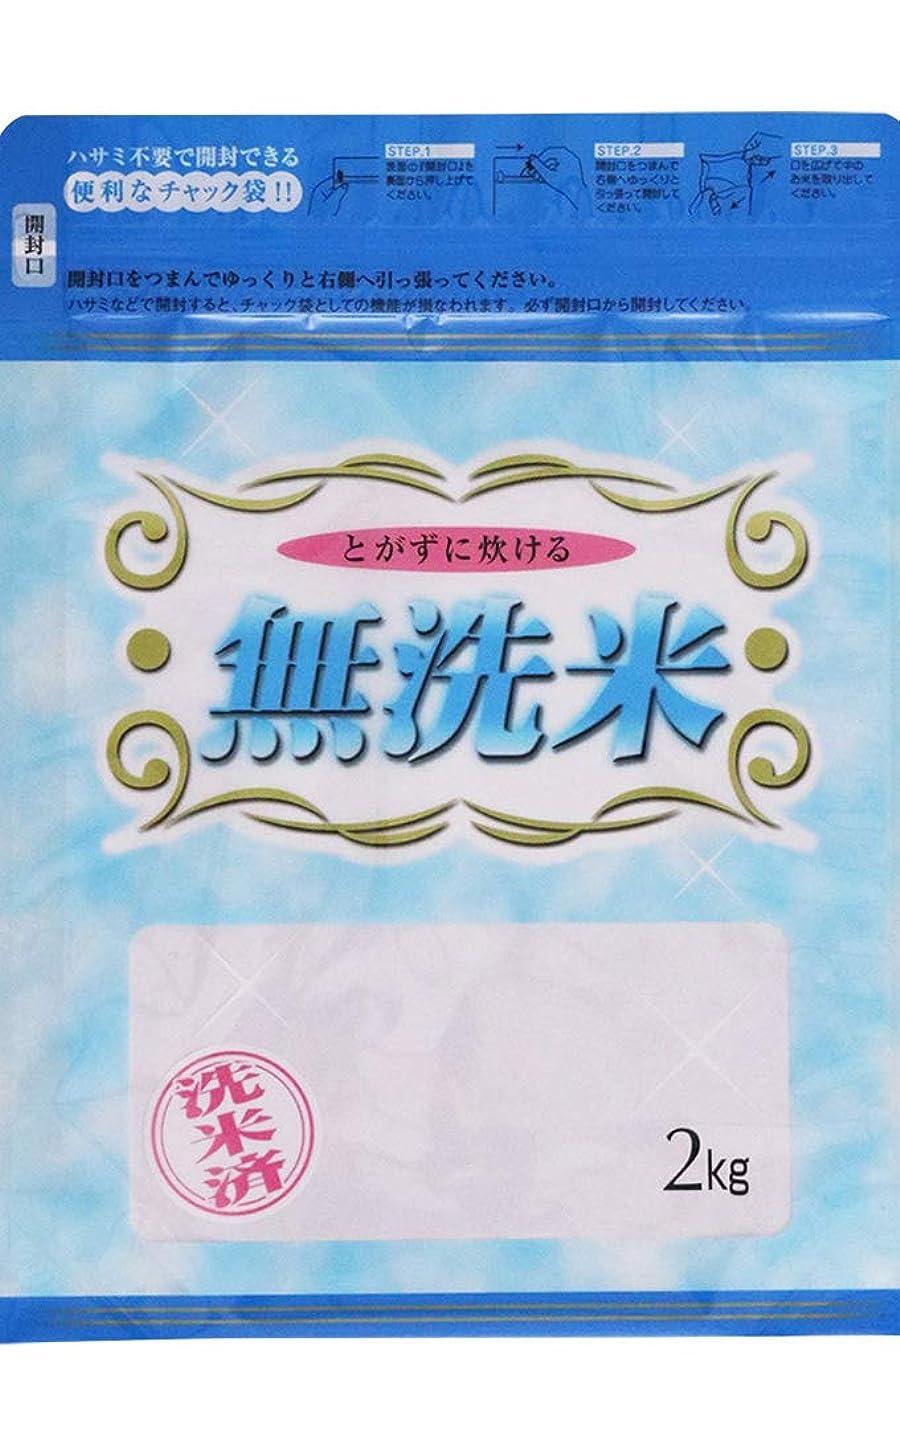 ロケーション苦痛必要ない米袋 ラミ シングルチャック袋 無洗米 キッチン 2kg 100枚セット TI-0031